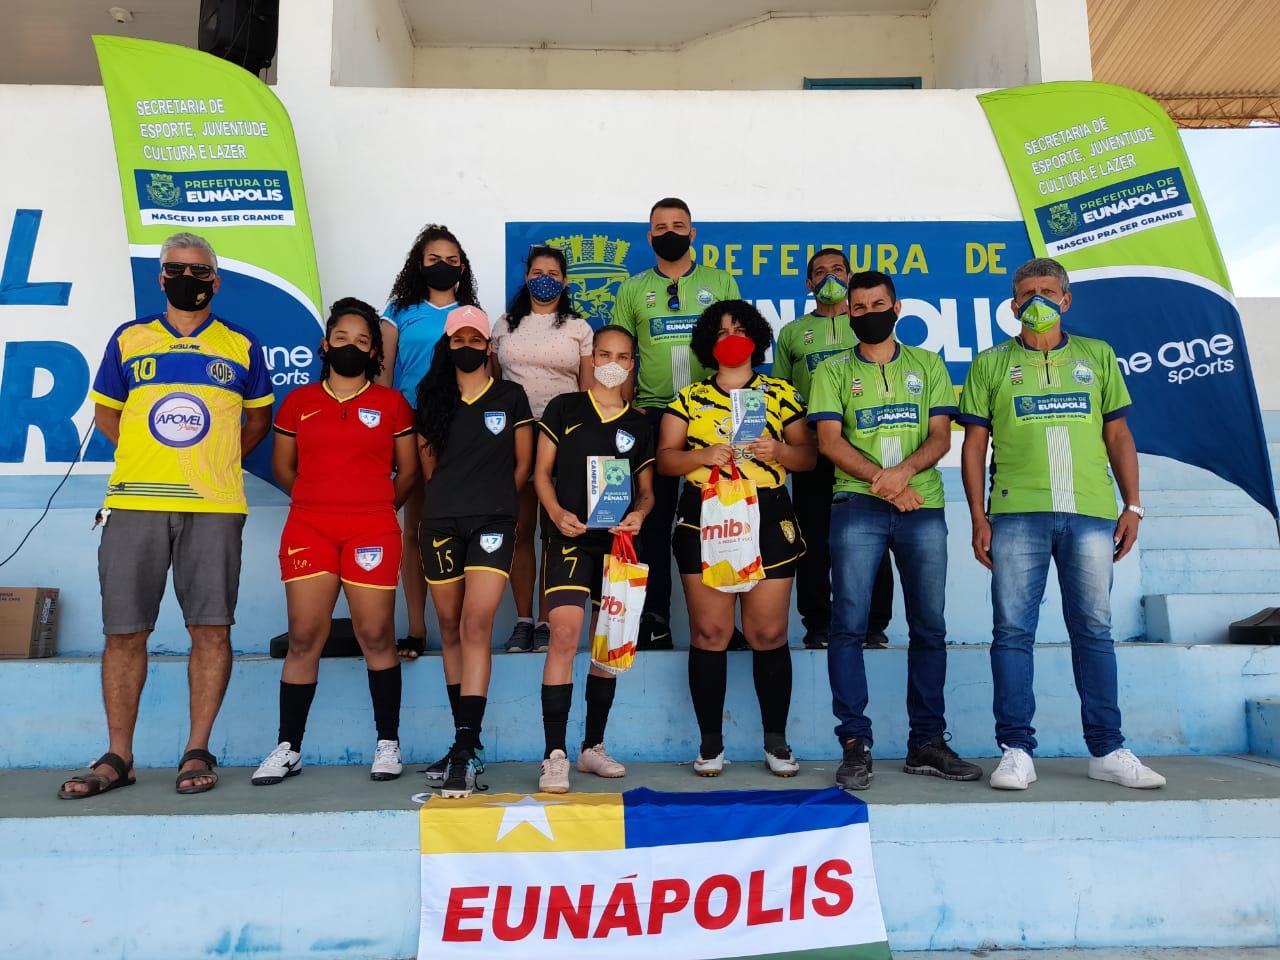 1º Torneio de Pênalti de Eunápolis envolveu 50 atletas entre homens e mulheres 24